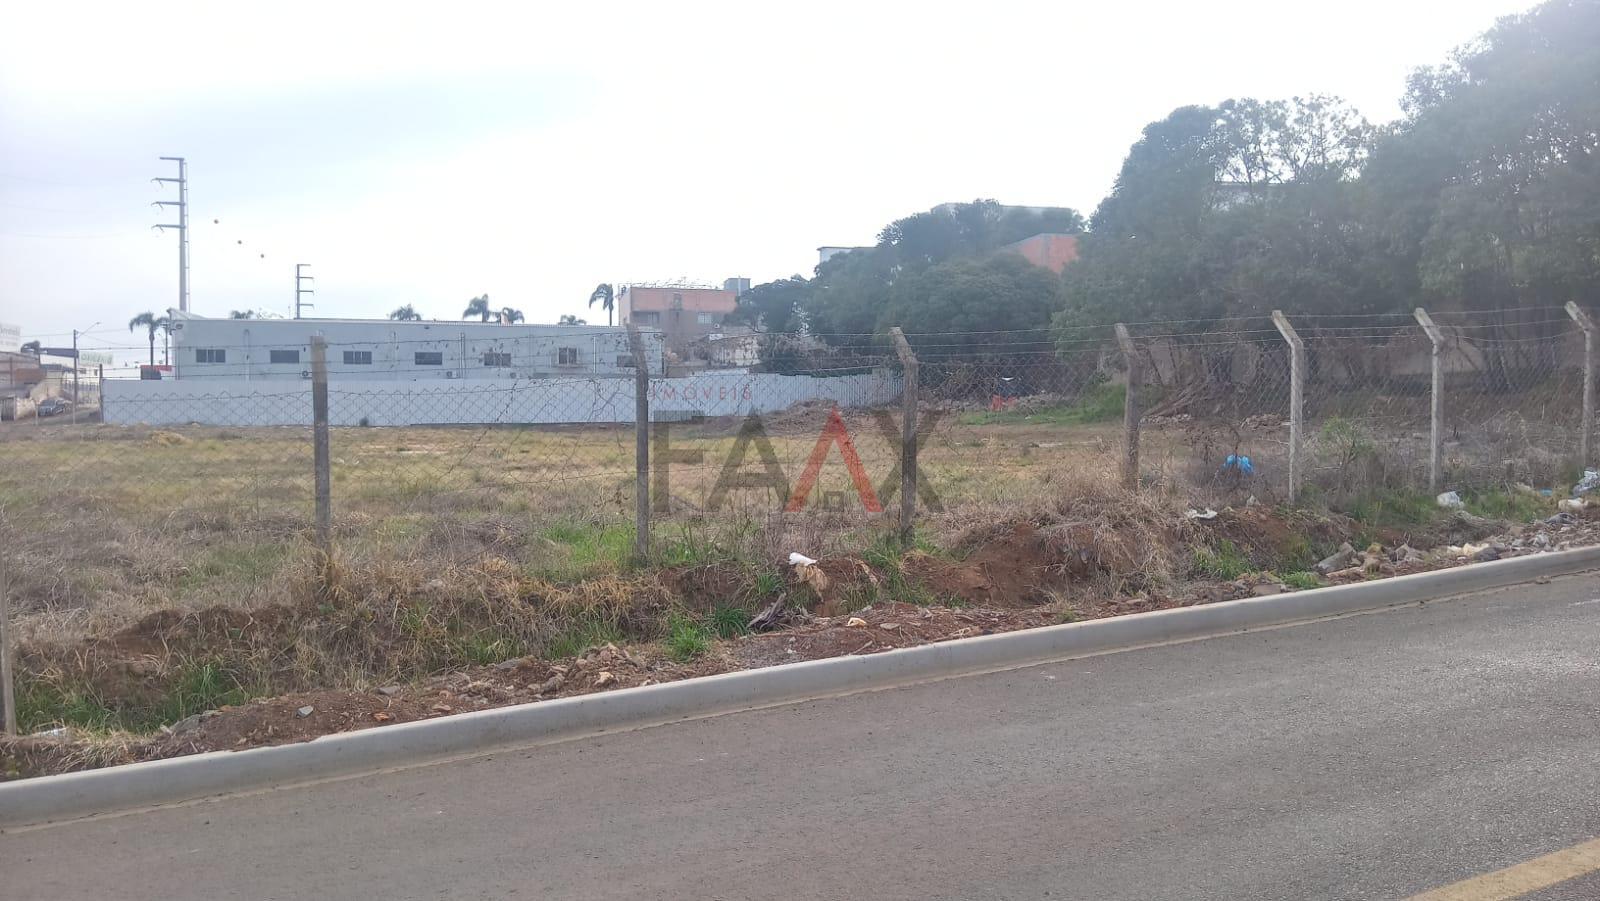 Terreno para locação,1600.00m², Conradinho, GUARAPUAVA - PR